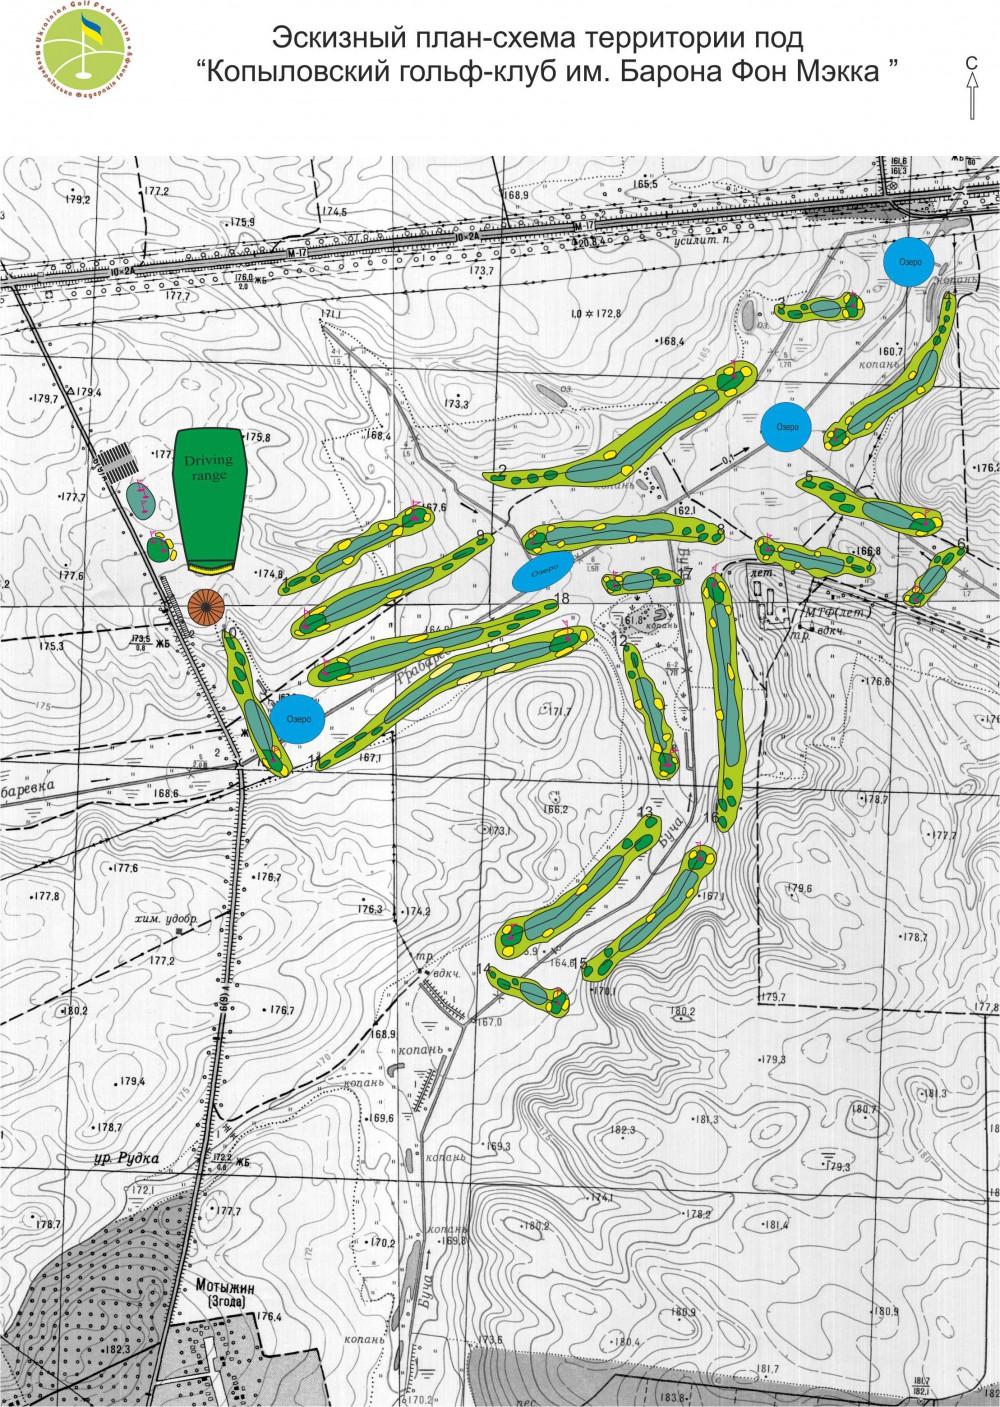 Эскизный план-схема территории под гольф-клуб